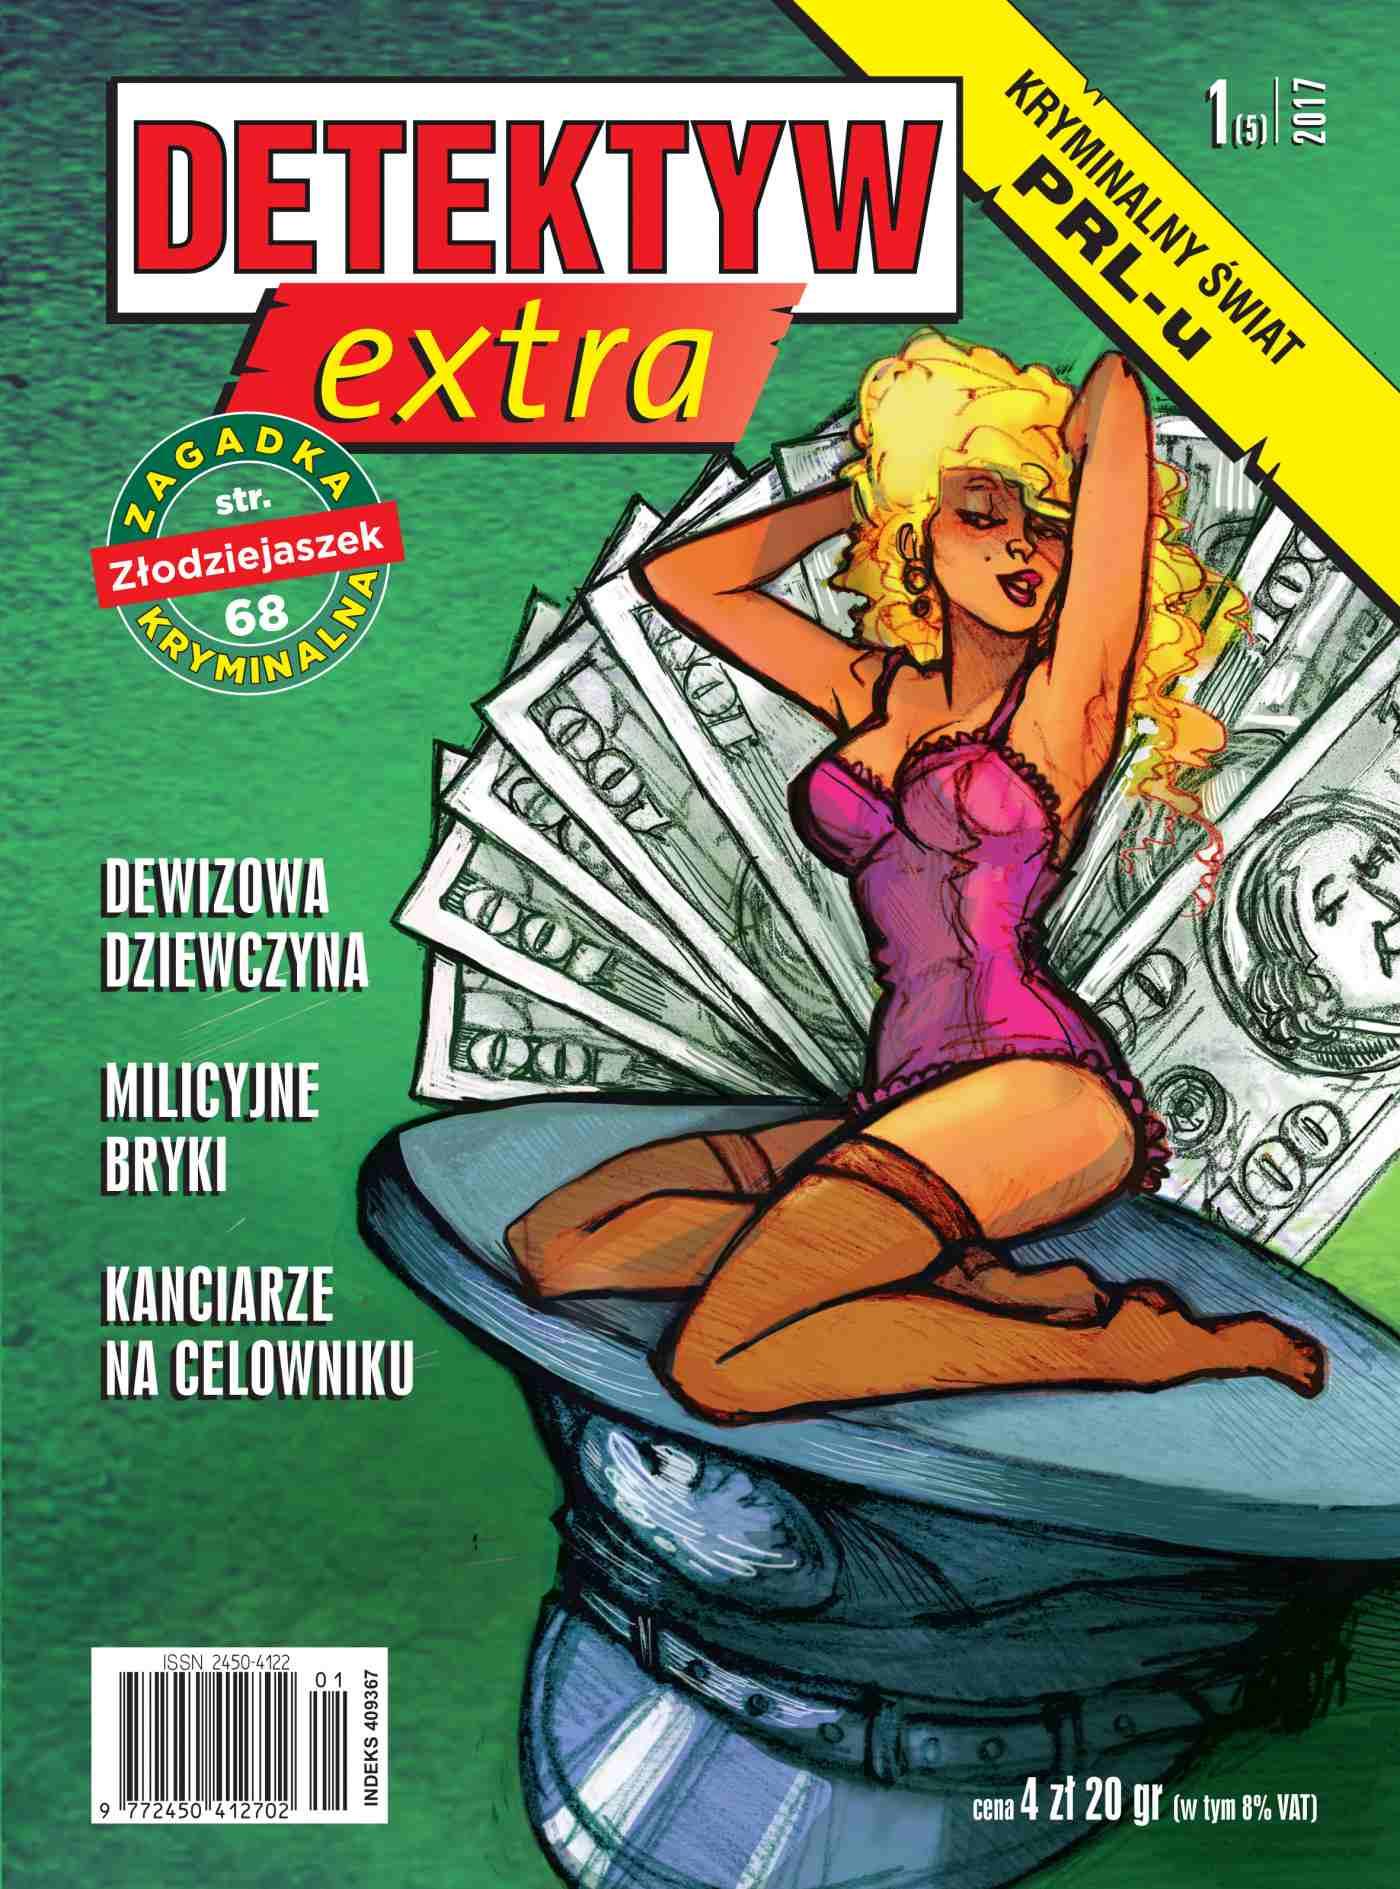 Detektyw Extra 1/2017 - Ebook (Książka na Kindle) do pobrania w formacie MOBI